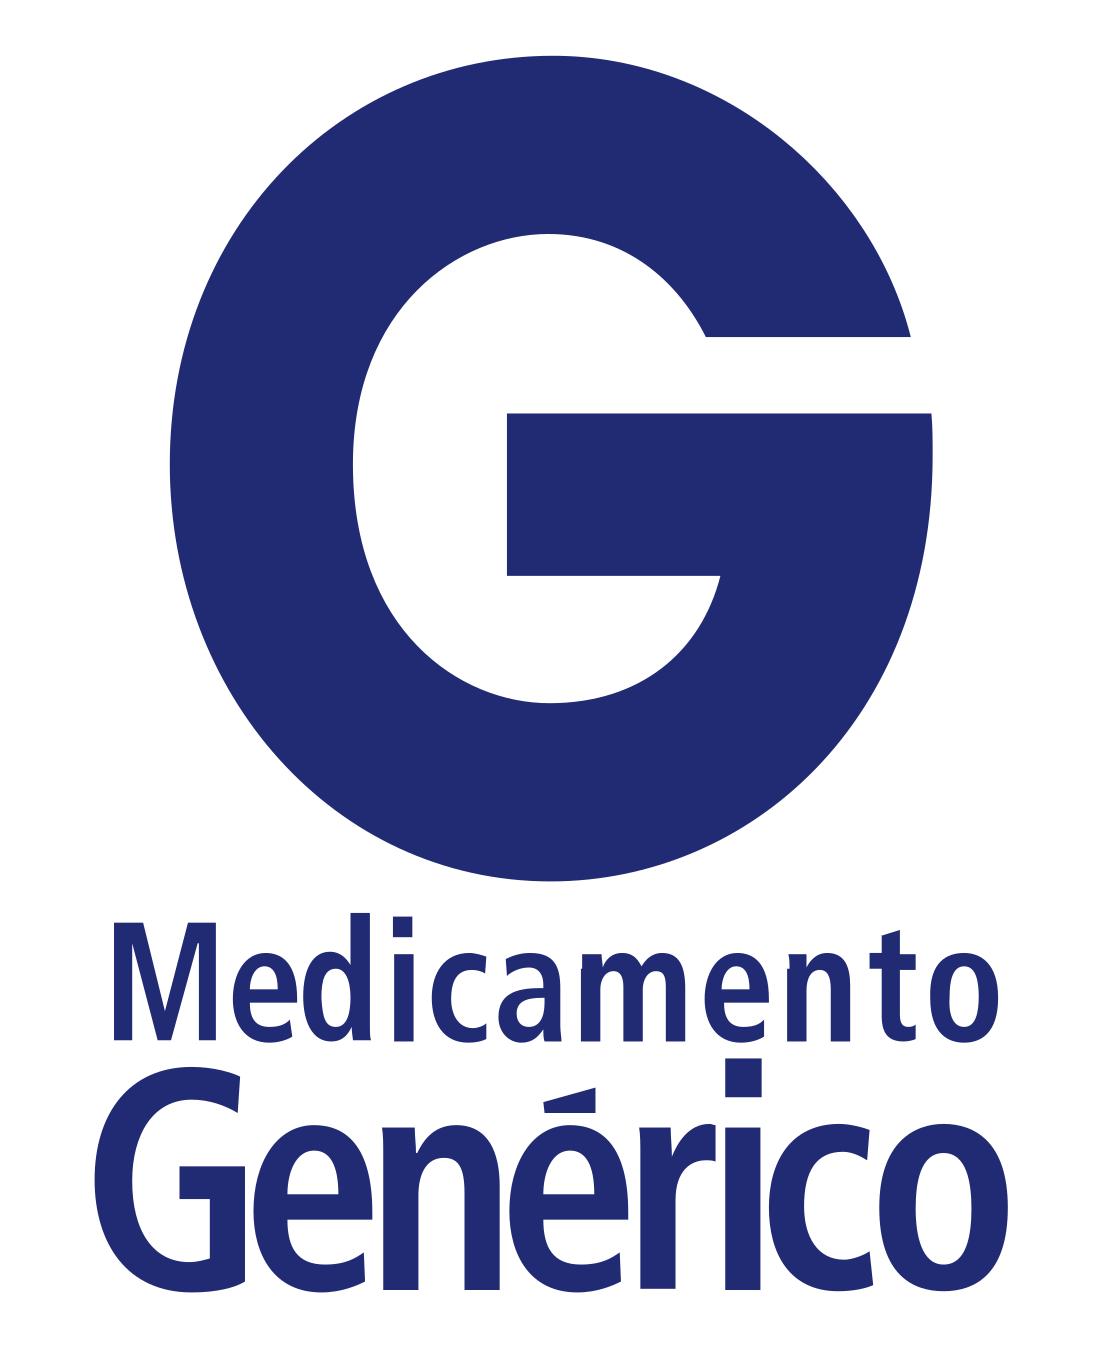 medicamento generico logo 11 - Genérico Logo - Medicamento Genérico Logo